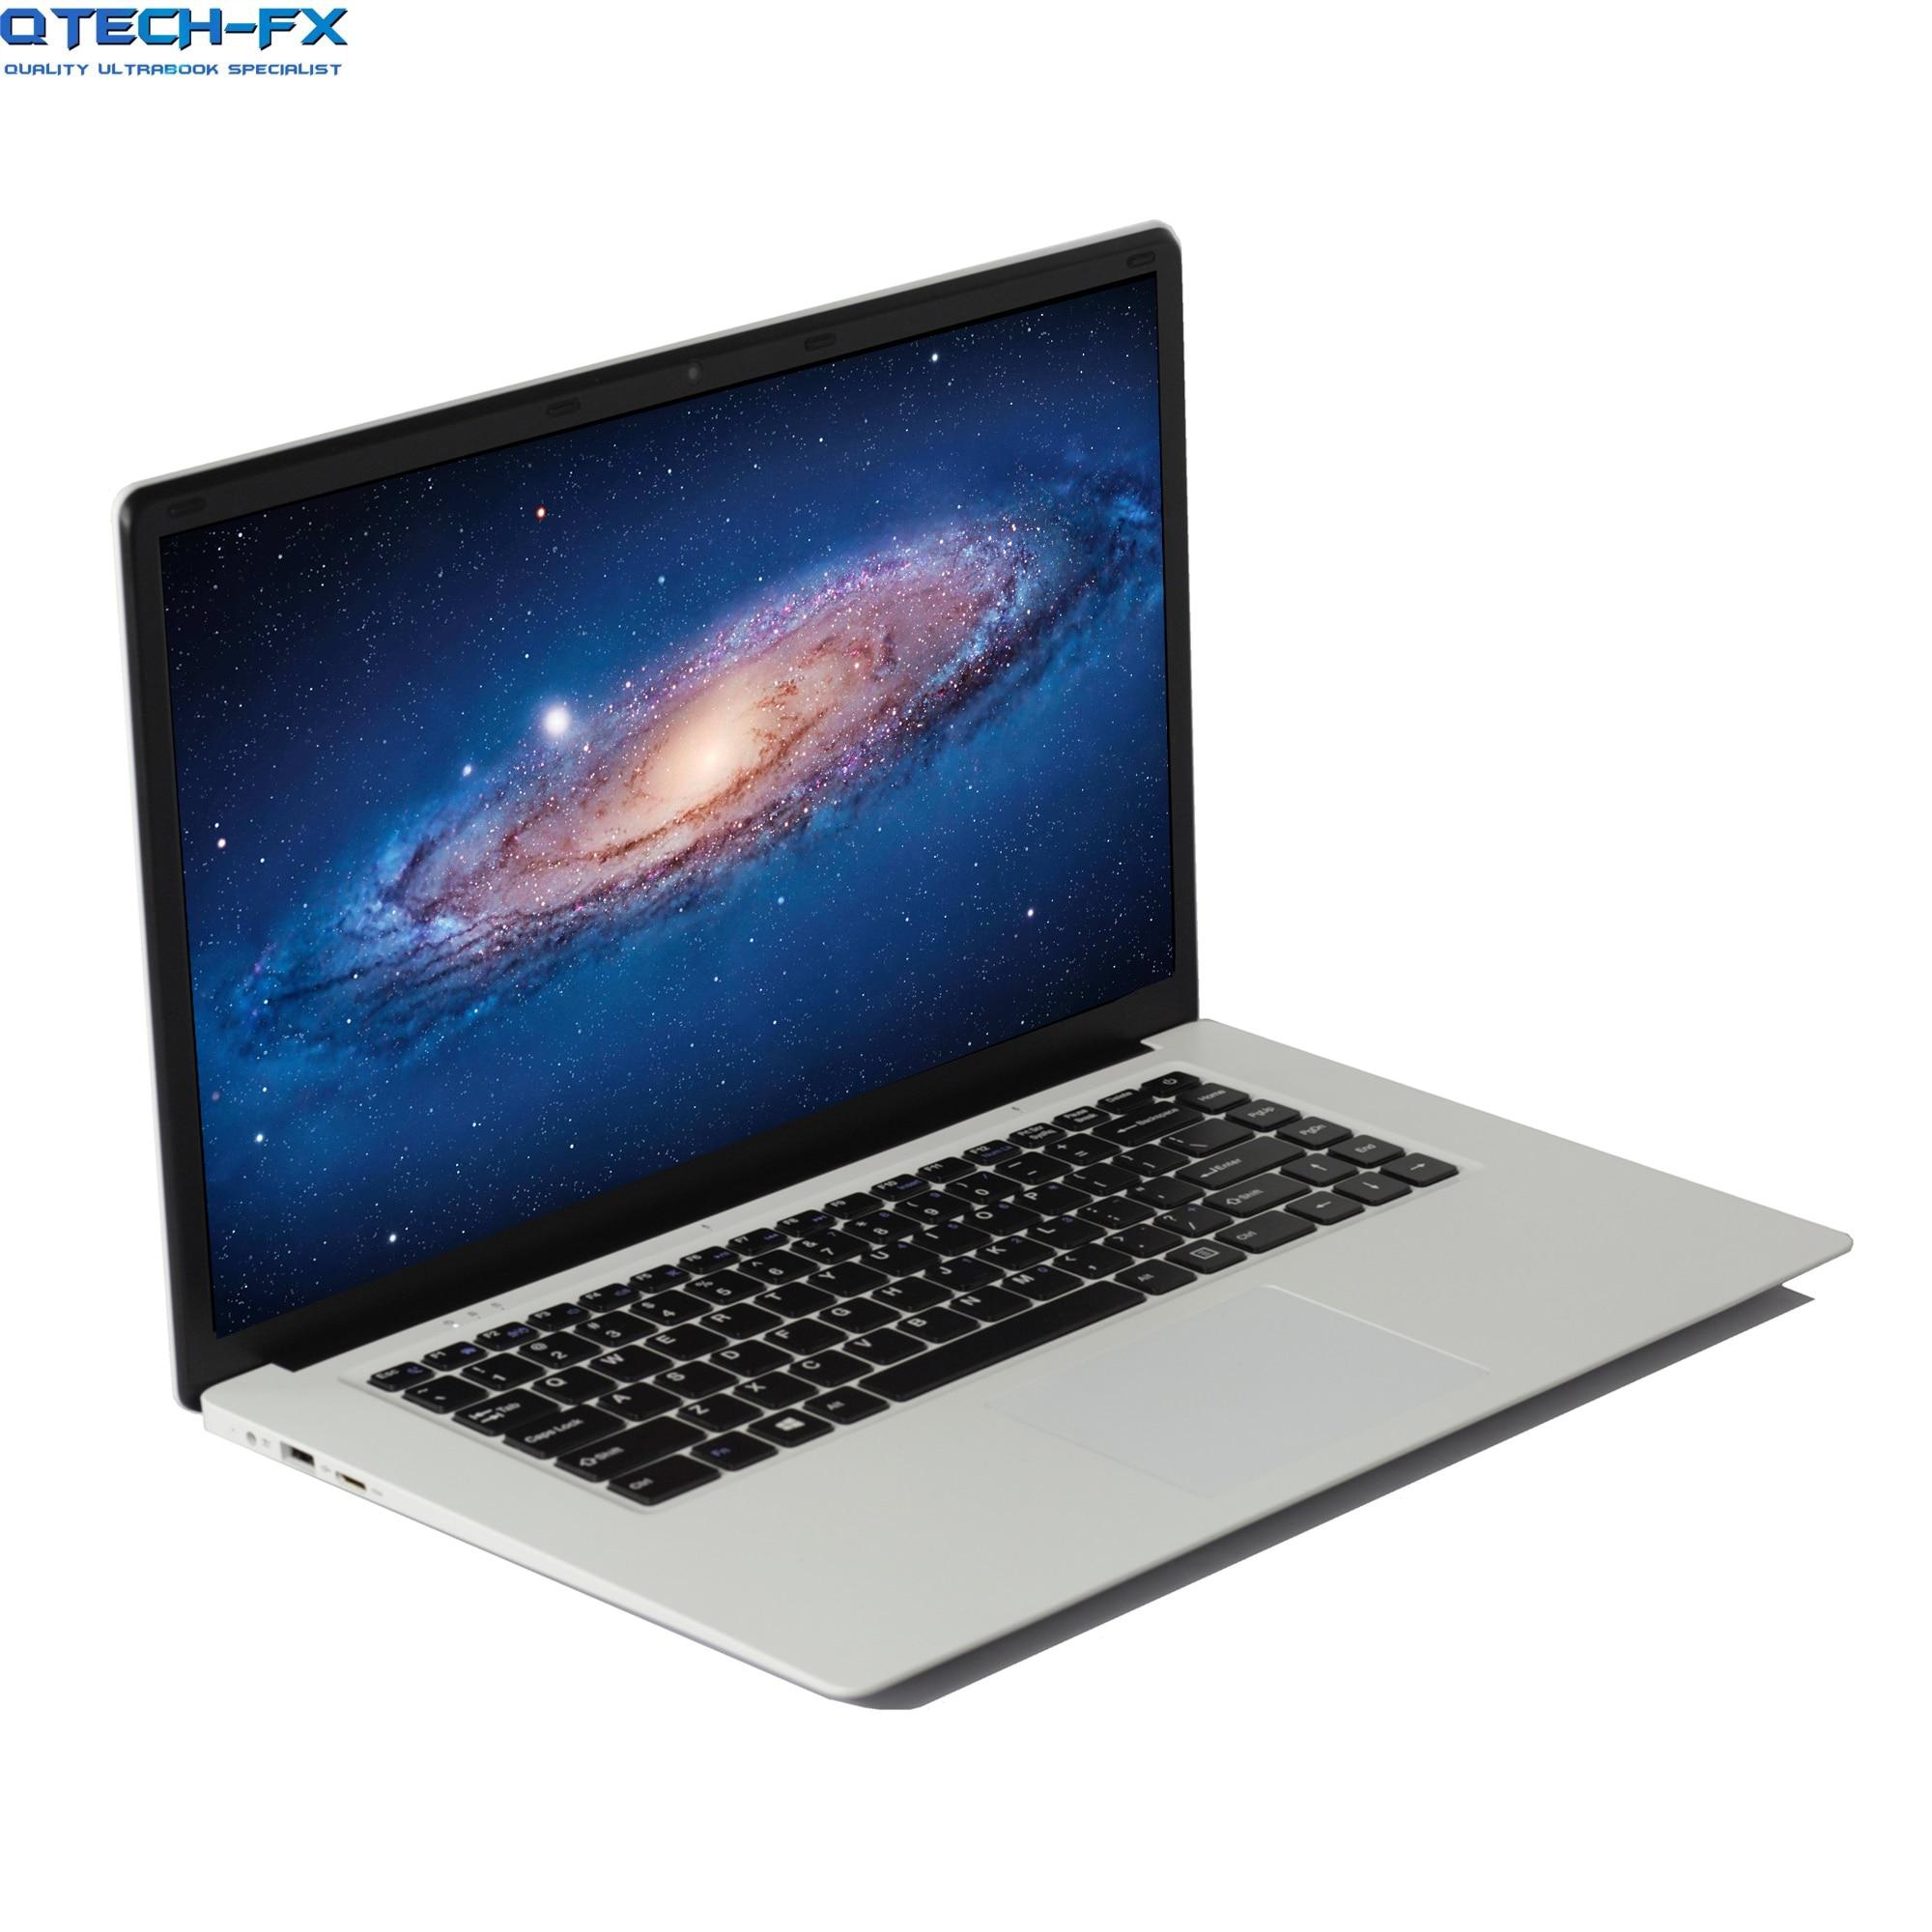 """15,6 """"ультрабук 1920*1080 Быстрый Intel 6 Гб ram + 128/256/480 ГБ SSD Windows10 студенческий ноутбук Арабский AZERTY Испанский Русский Клавиатура"""